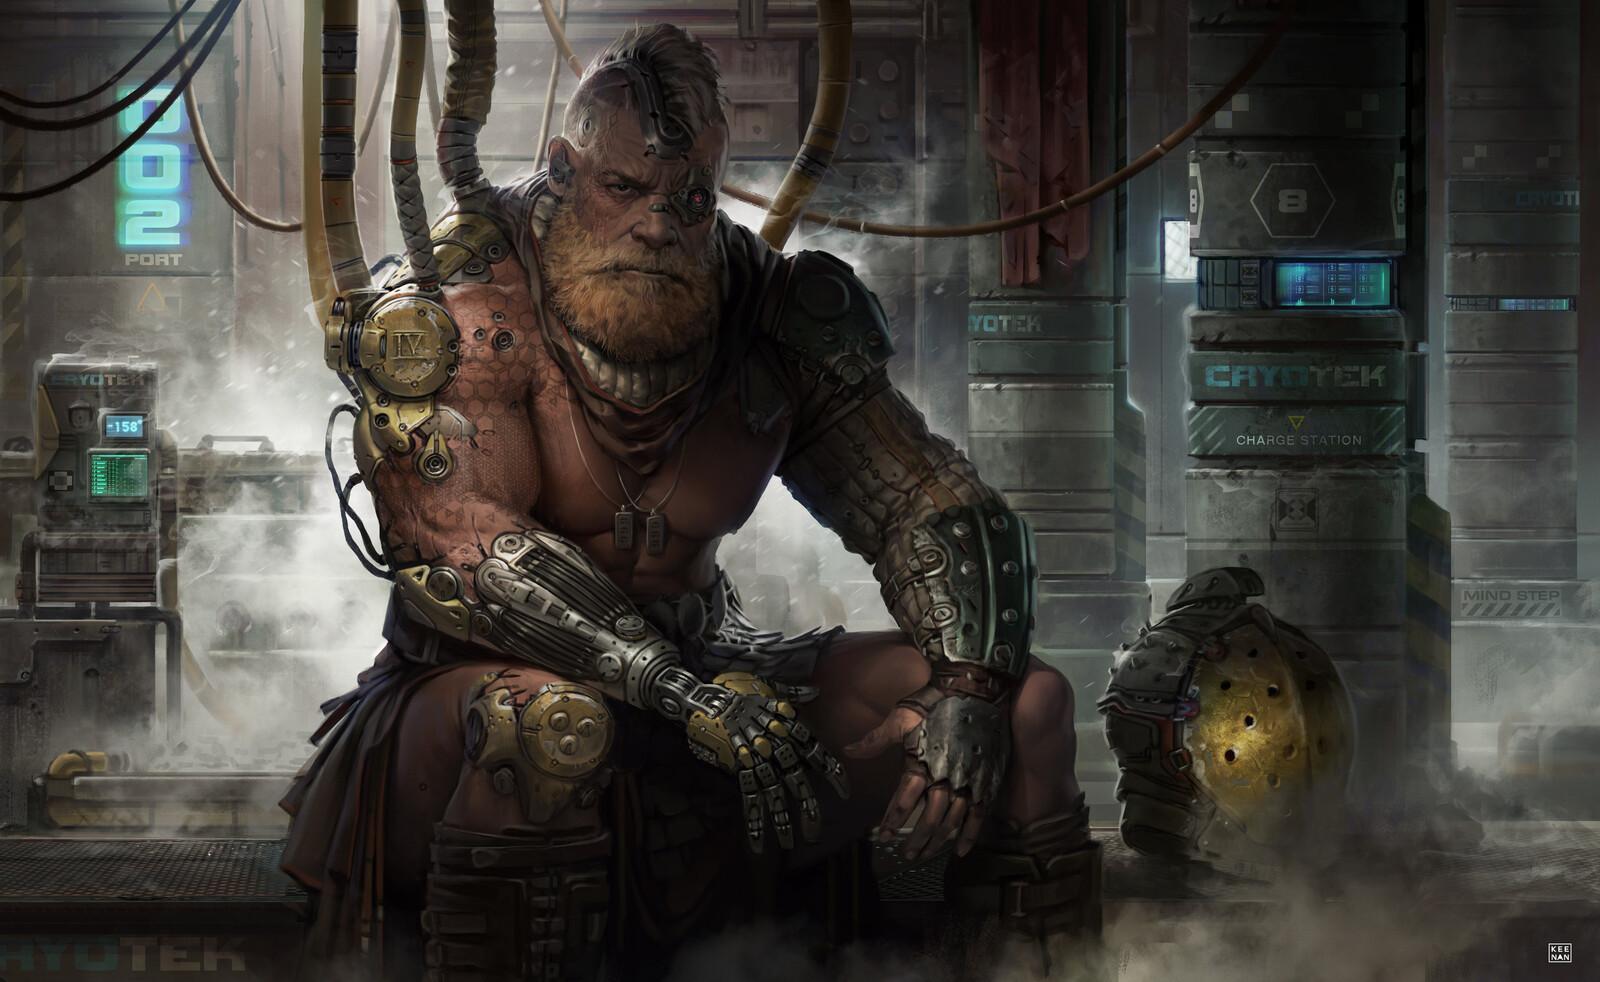 CP_Gladiator: King Leo